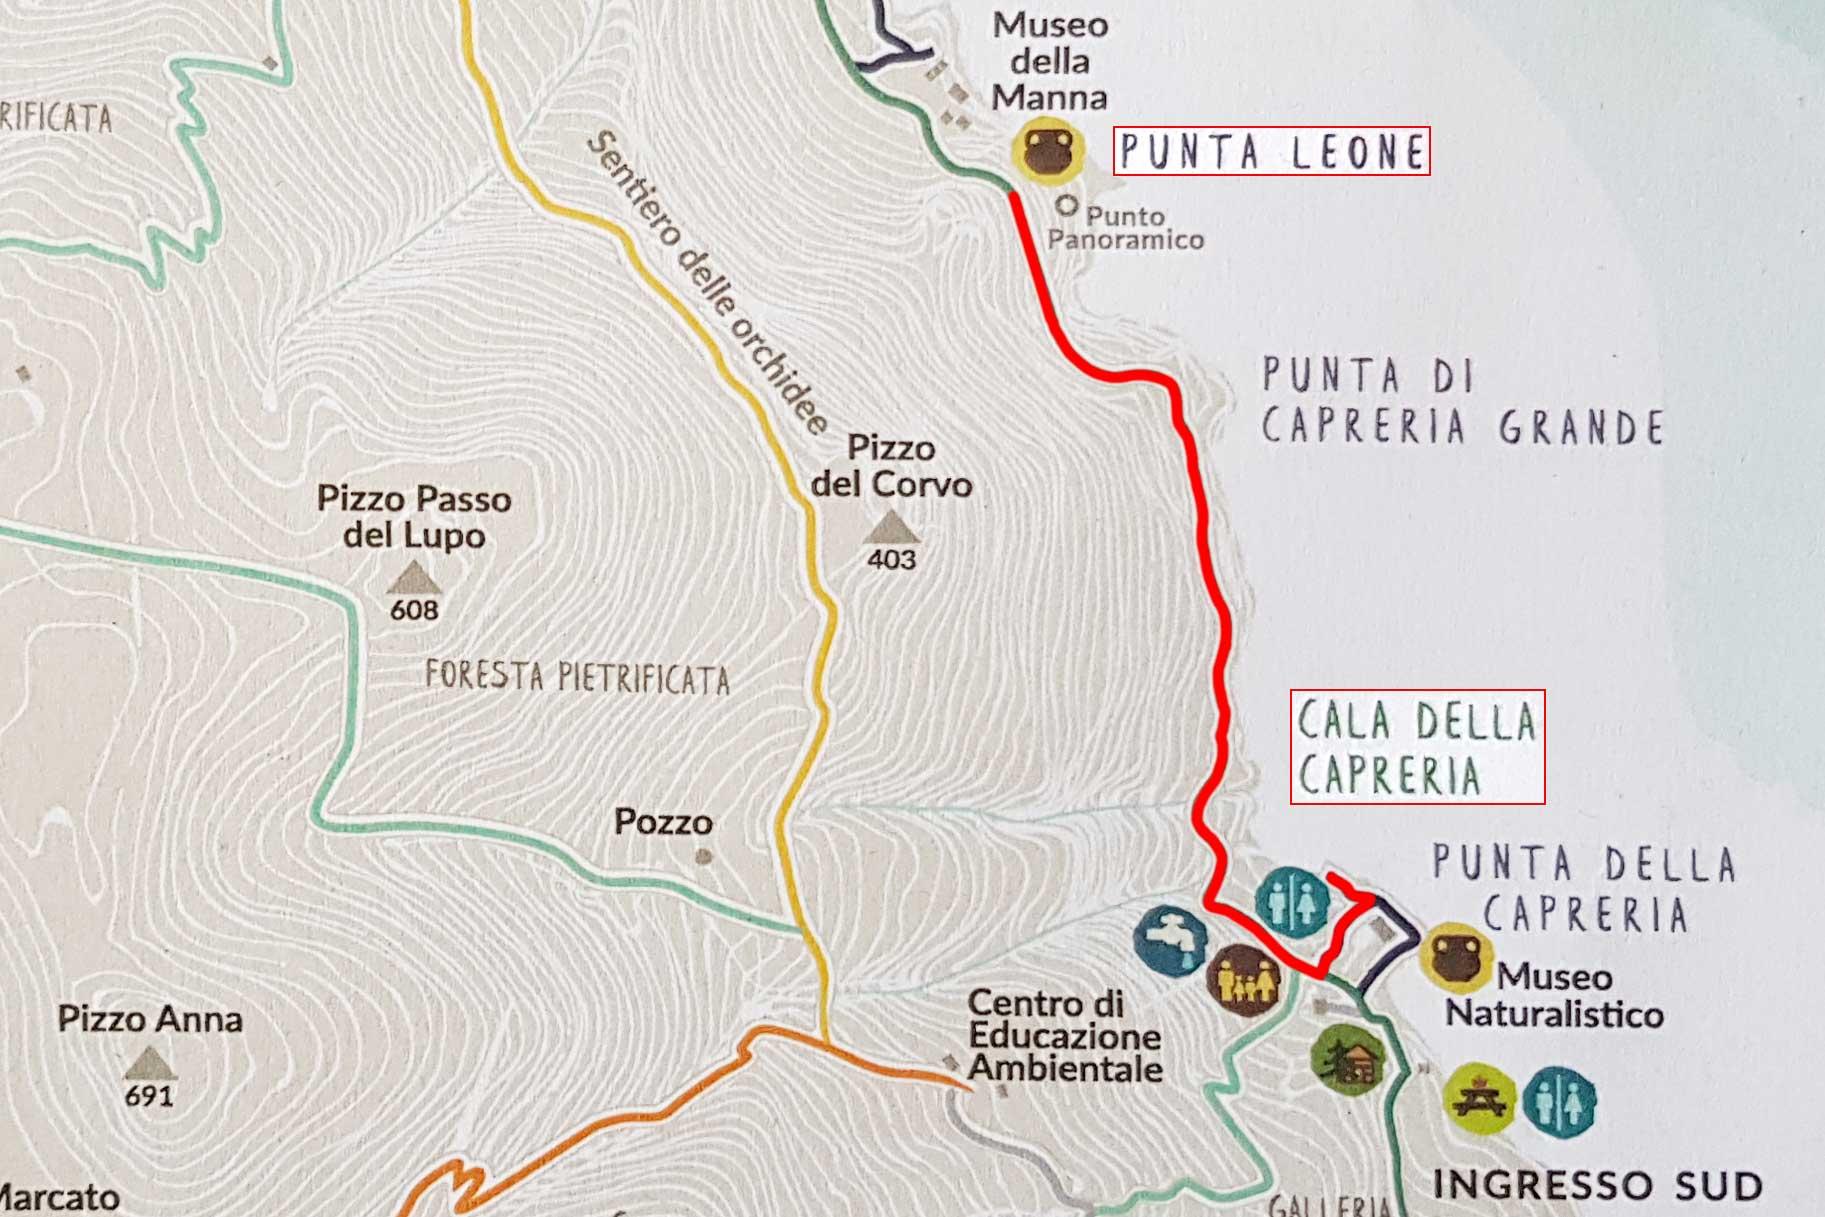 From Cala della Capreria to Punta Leone